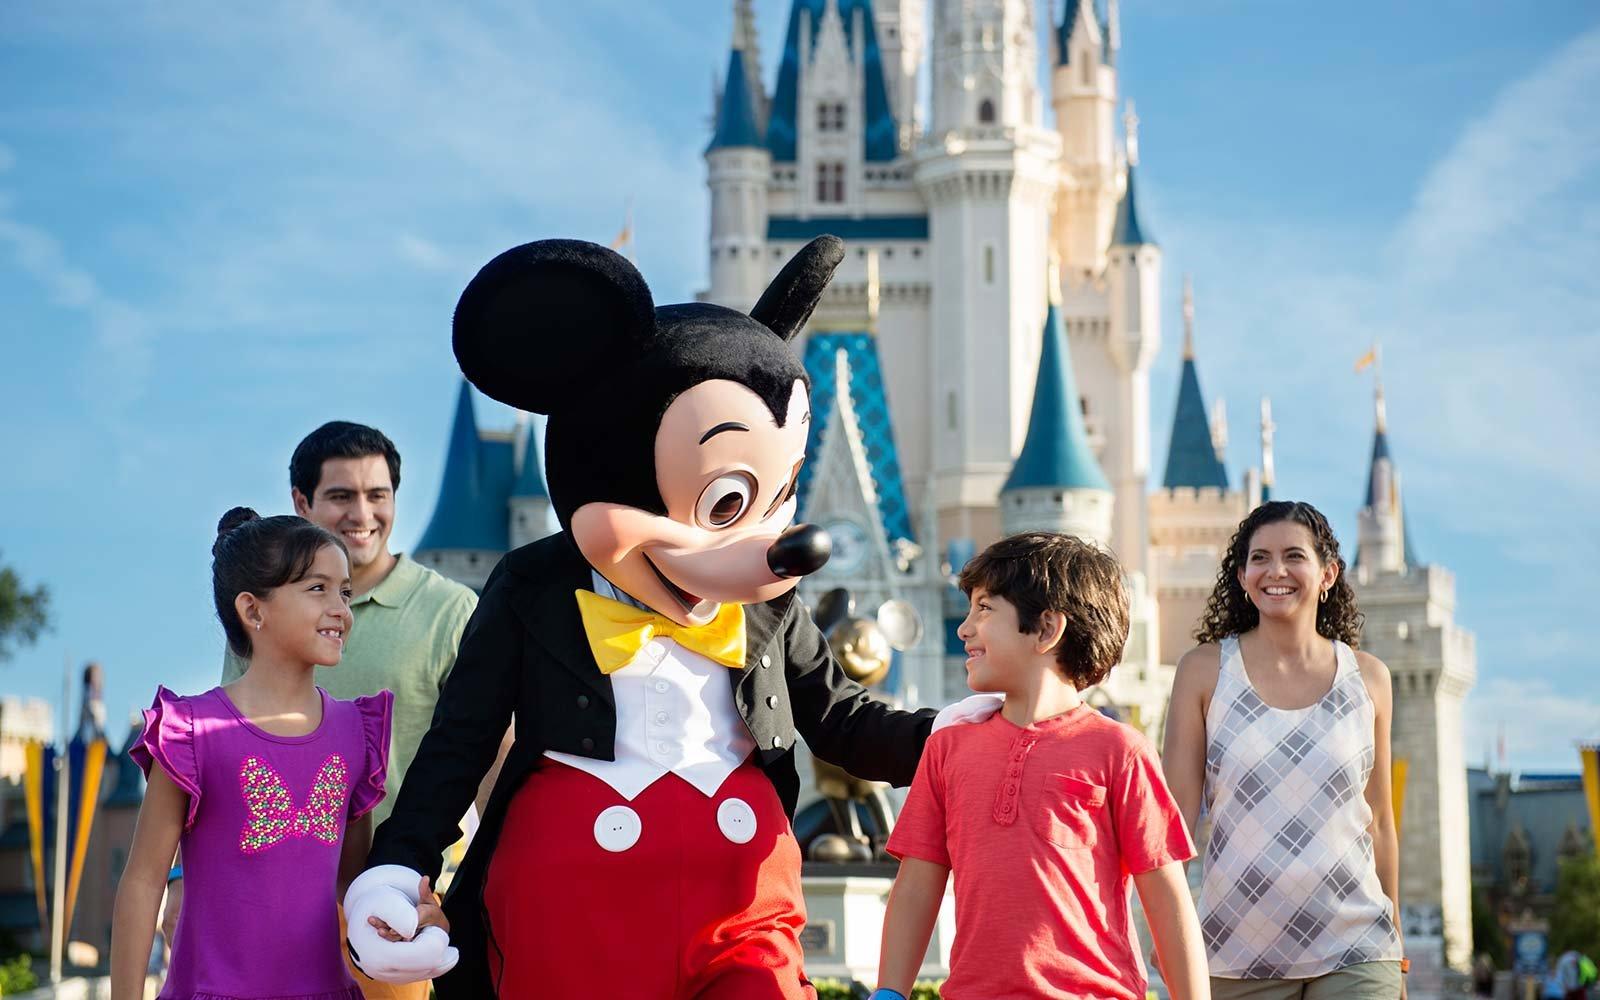 dc49cfd9e 7 dicas para famílias em Orlando | Dicas da Flórida: Orlando e Miami